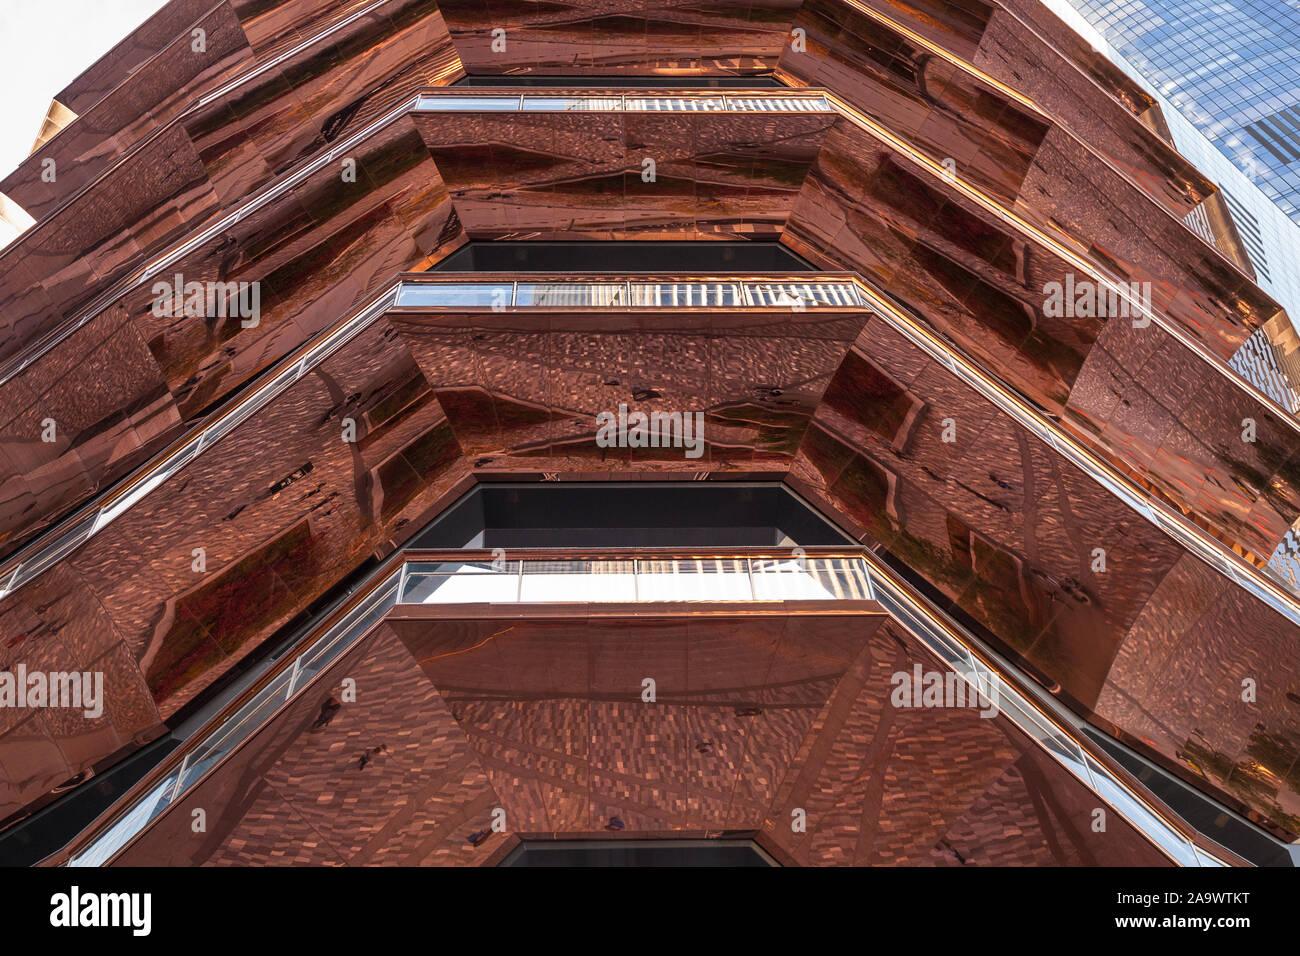 Das Schiff, ein Wahrzeichen Thomas Heatherwick Studio entwickelte Struktur im Hudson Yards Entwicklung, New York City, NY, USA Stockfoto